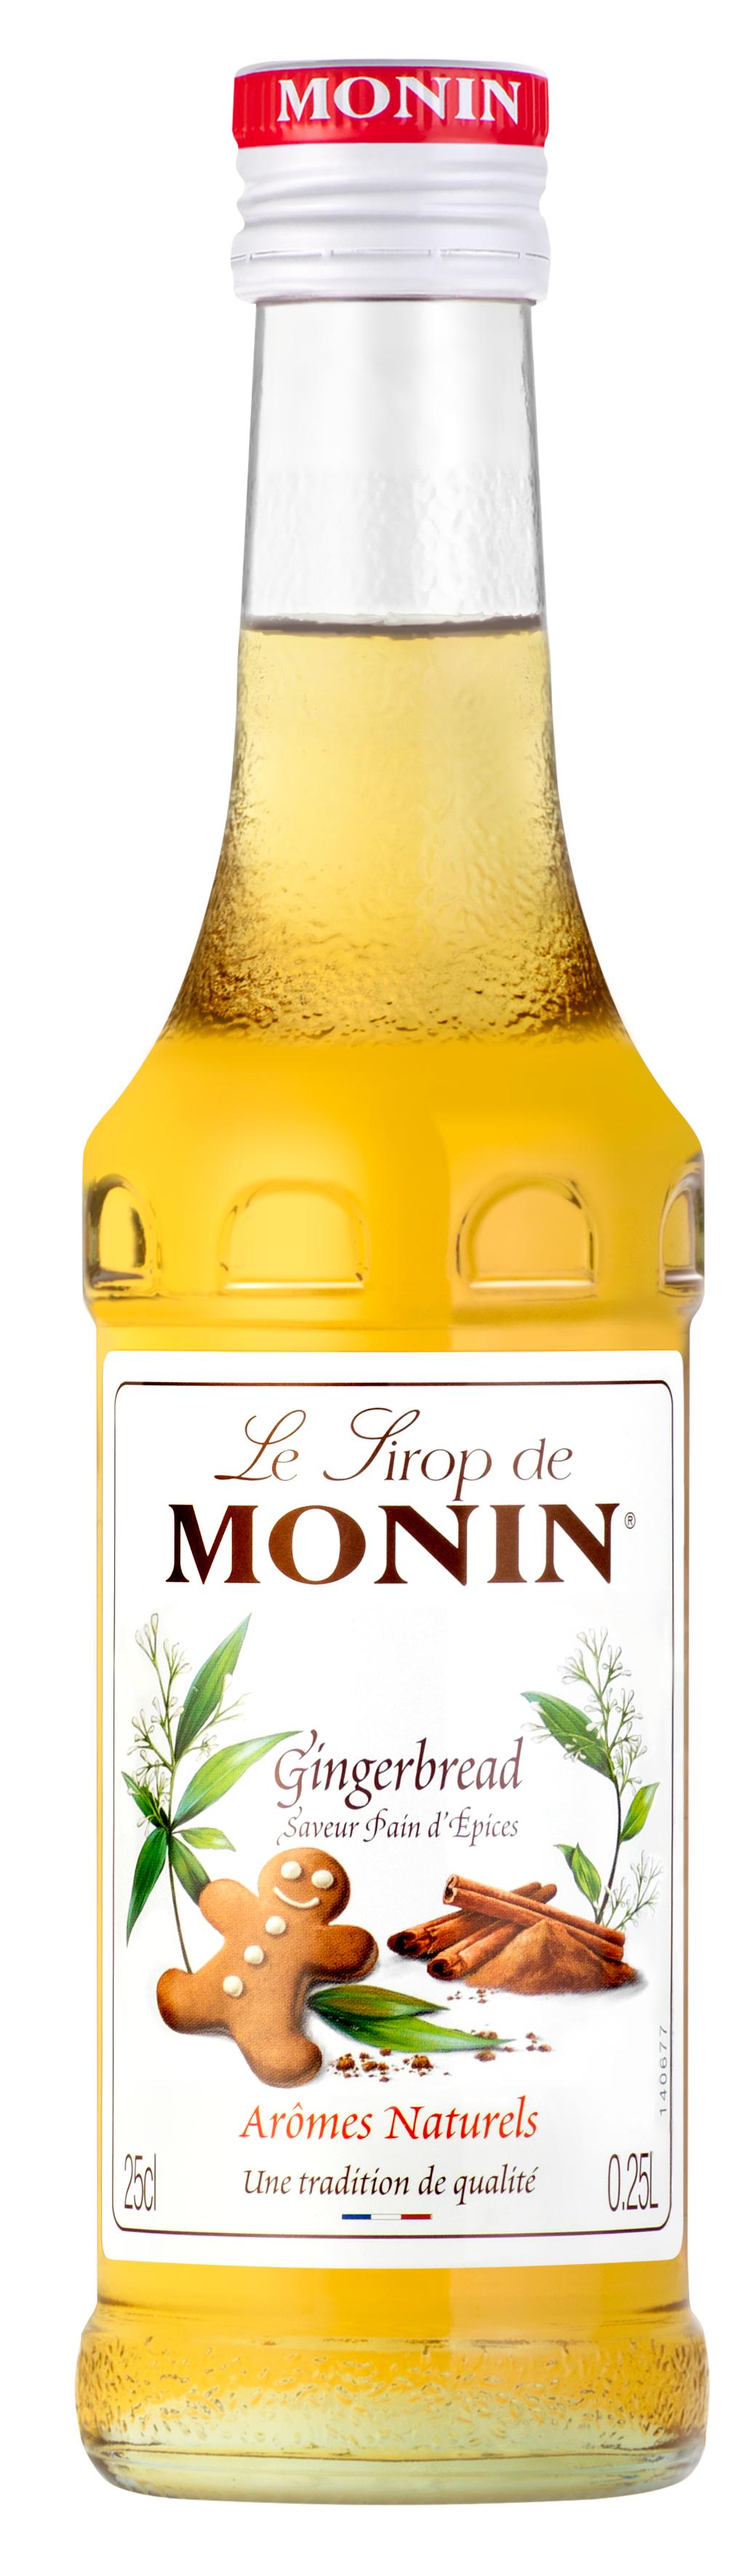 Sirop saveur Pain d'Épices, Monin (25 cl)